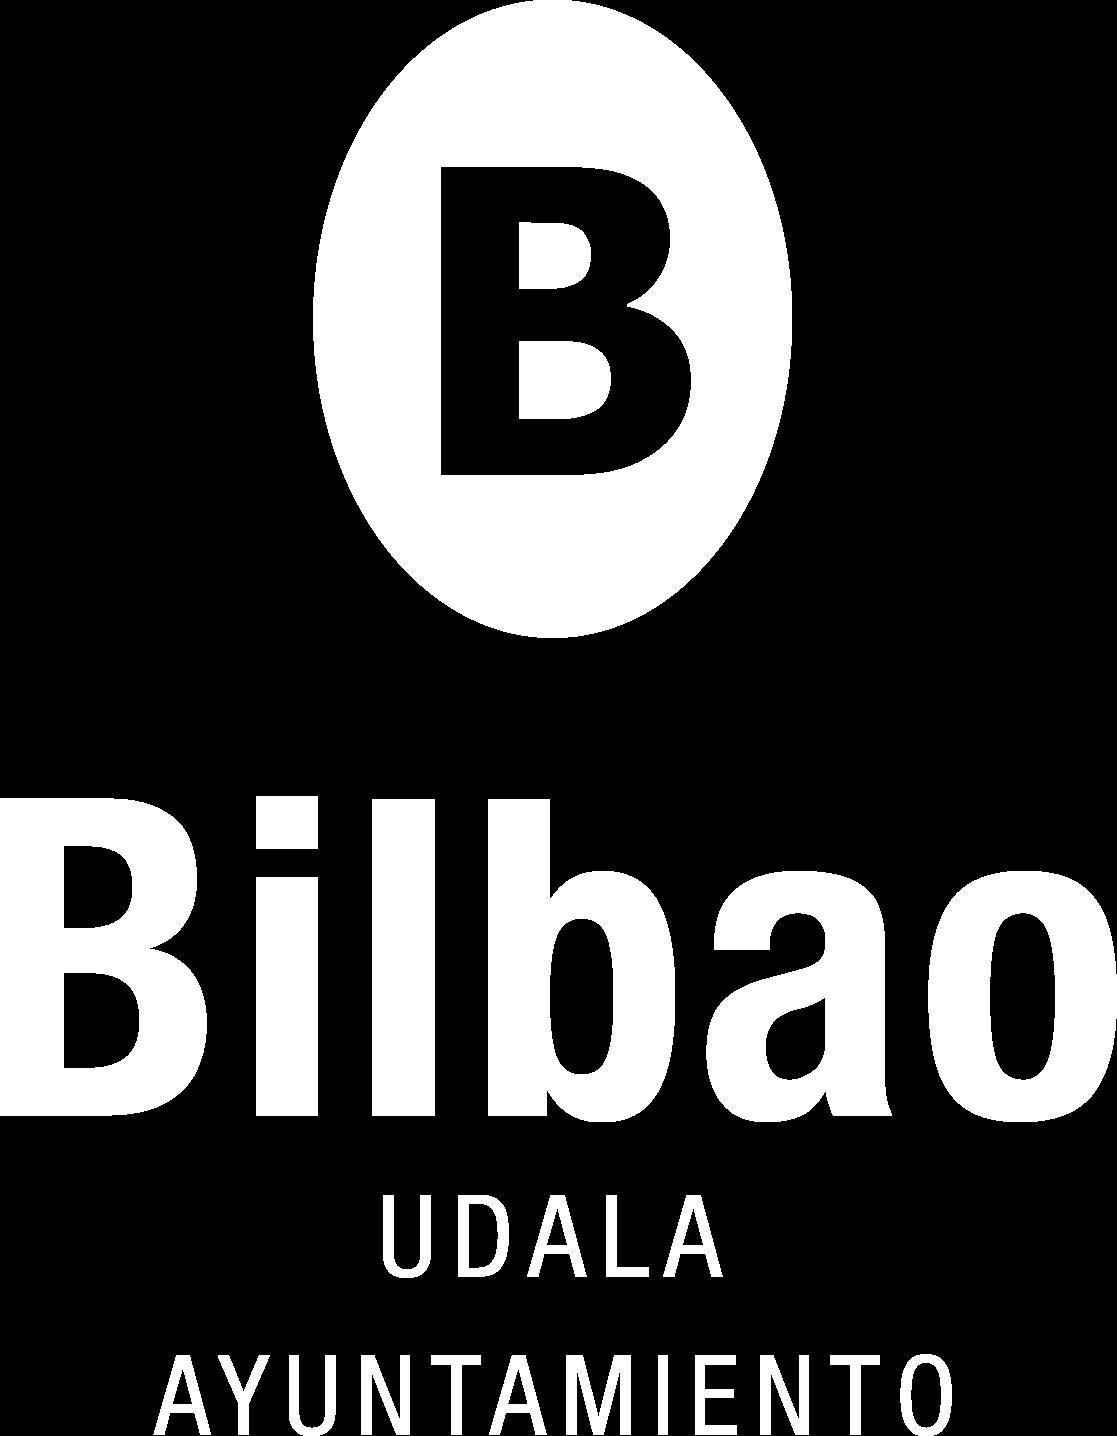 Bilboko Udala - Ayuntamiento de Bilbao